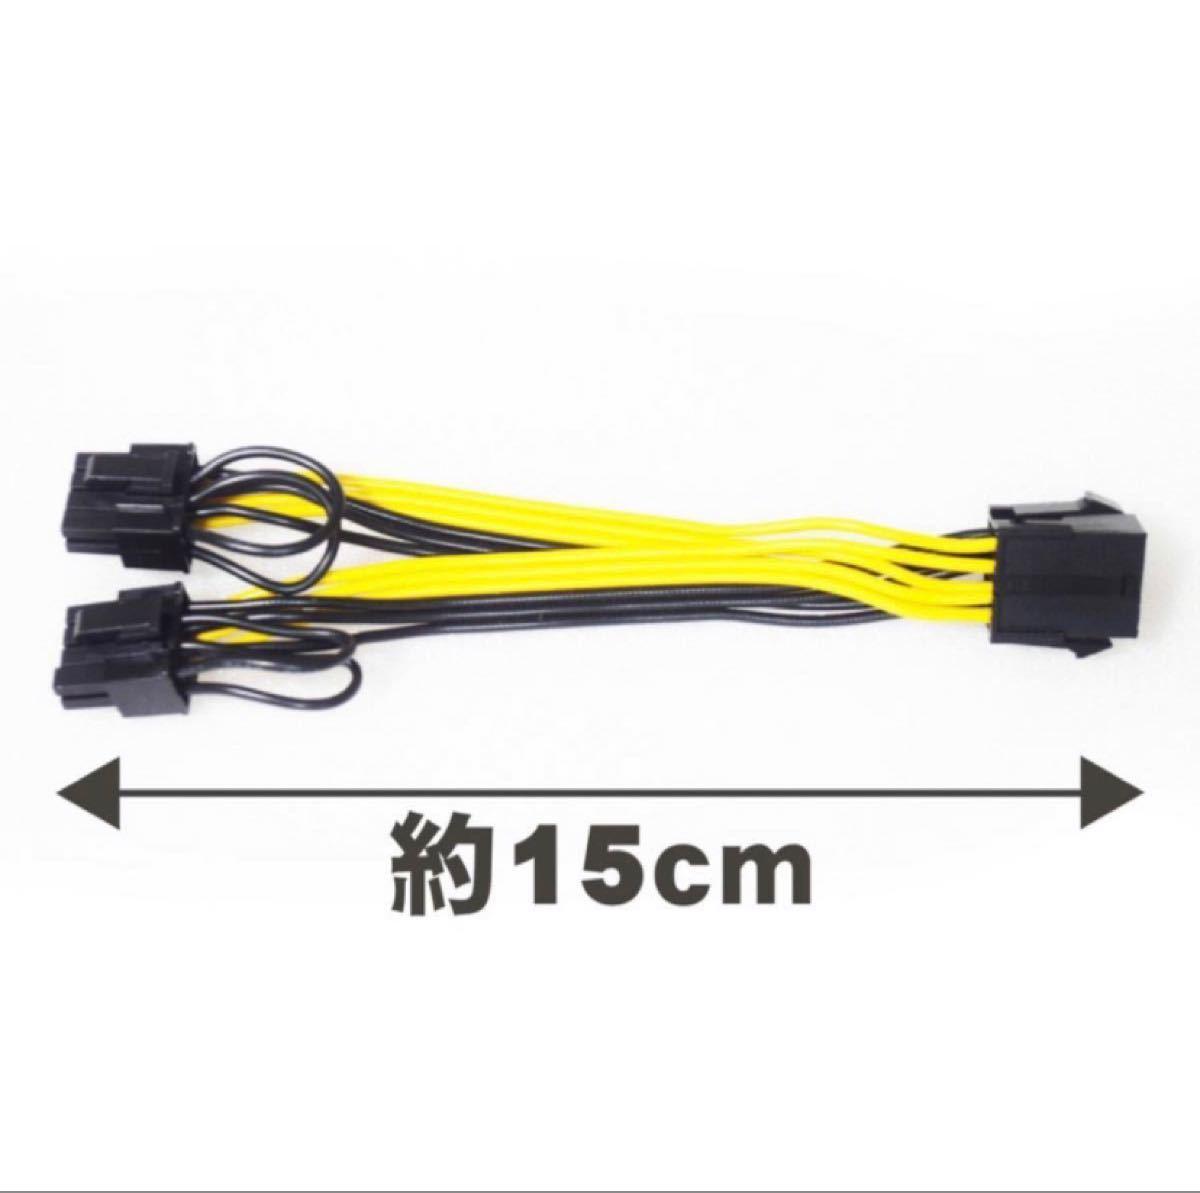 【GPU電源変換ケーブル】新品 PCI-E 電源変換ケーブル CPU 8ピン から PCI-E 8(6+2)ピンx2 15cm